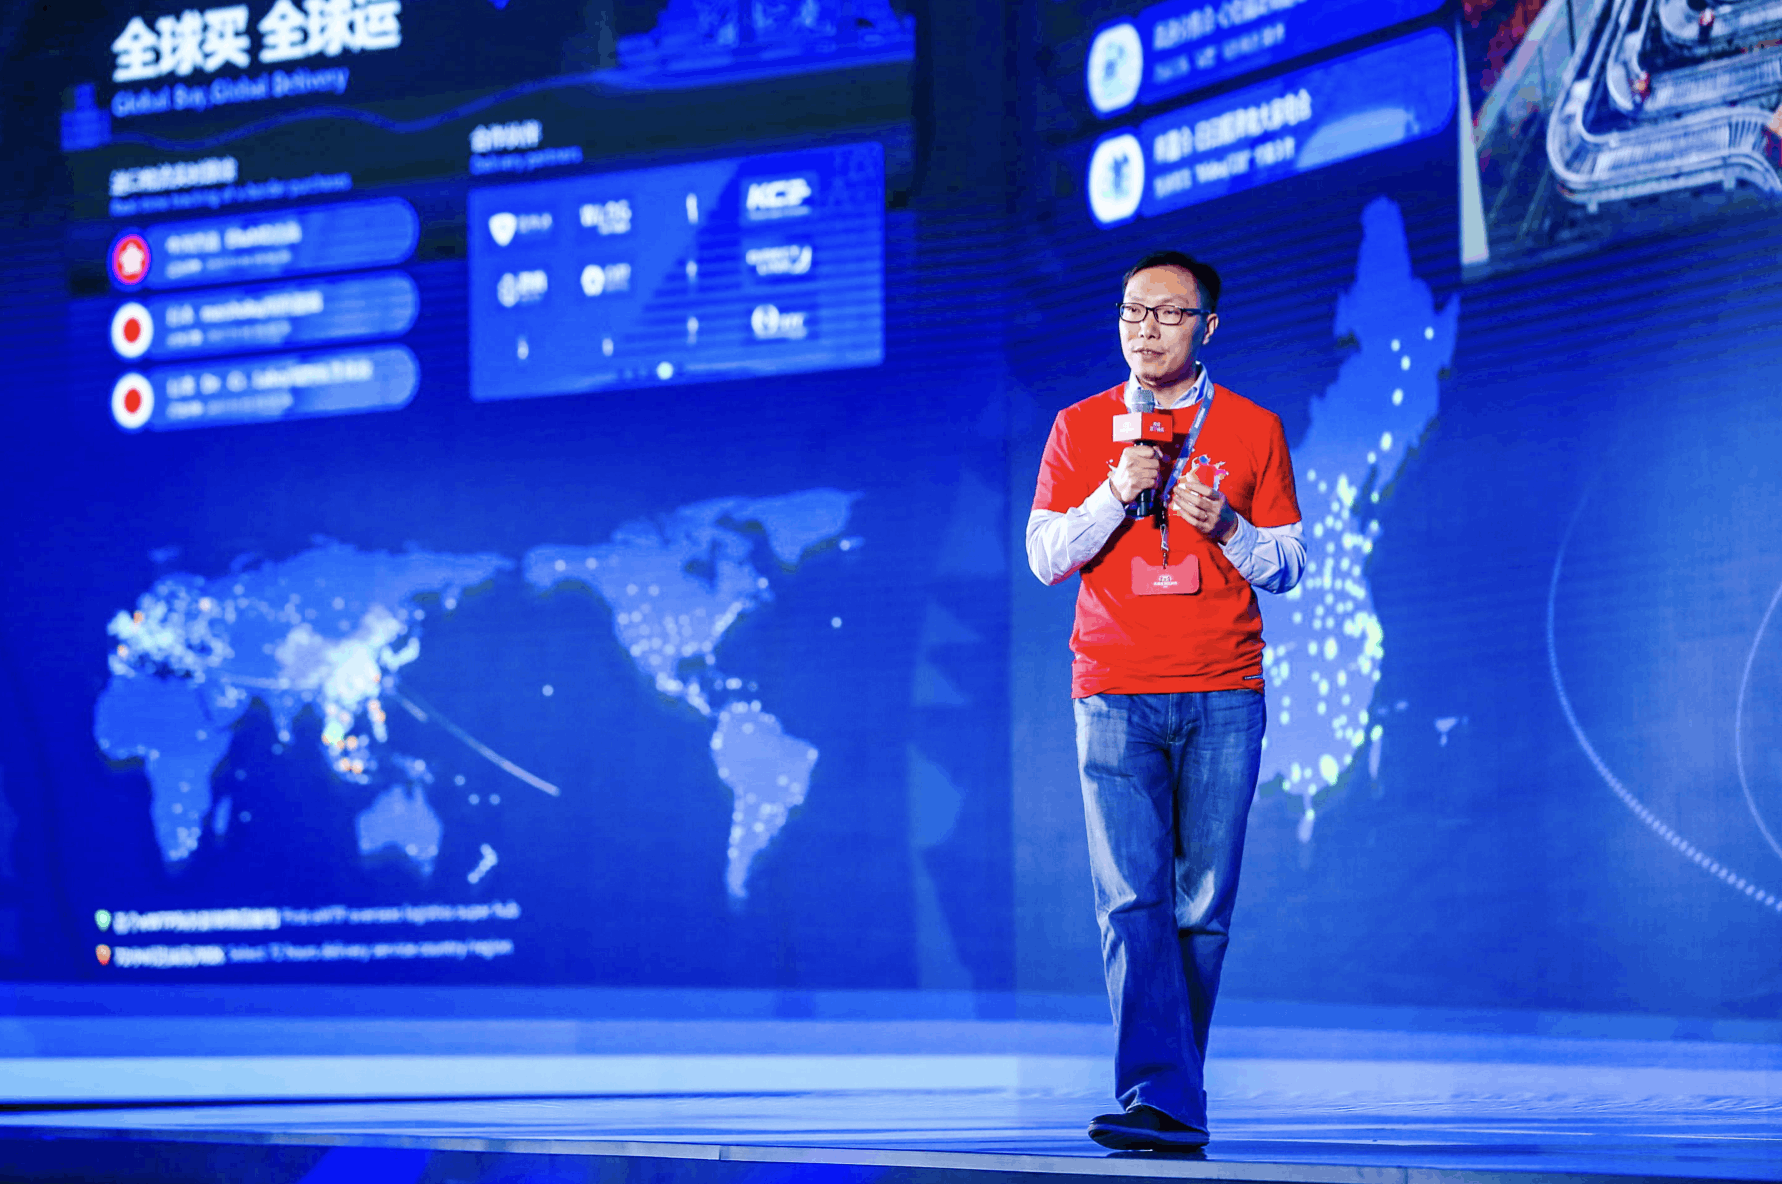 菜鸟总裁万霖:每天配送10亿个包裹将成为现实